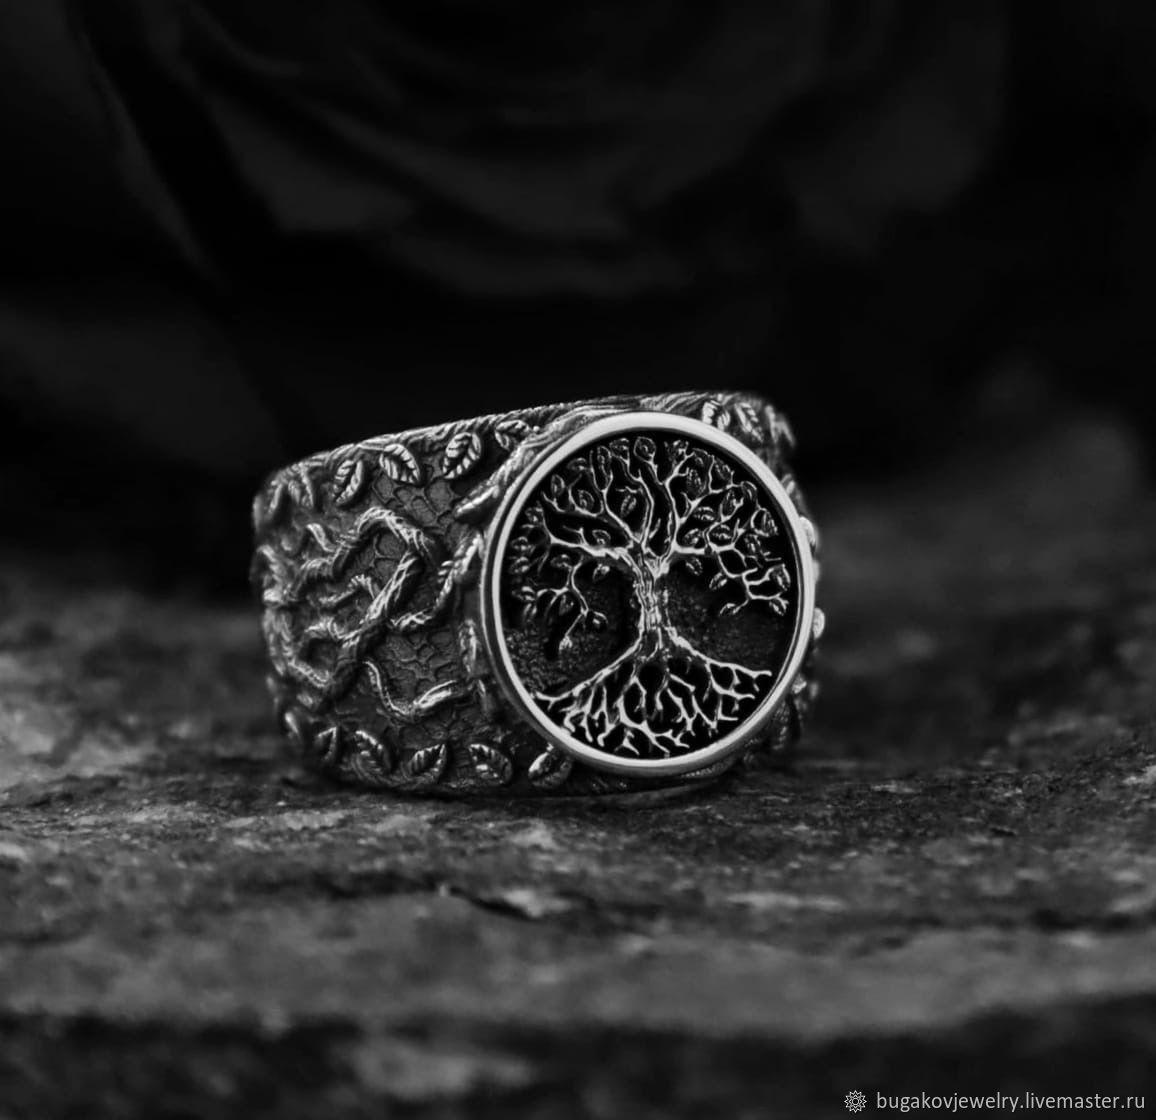 """Кольцо """"Иггдрасиль"""" из серебра 925 пробы с чернением, Кольца, Москва,  Фото №1"""